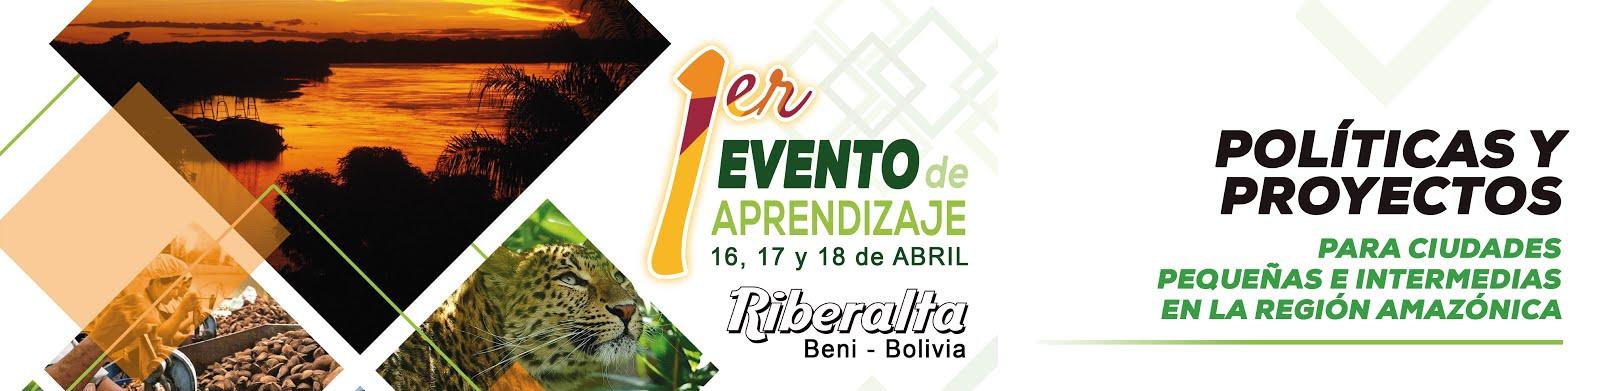 1er. Evento de Aprendizaje Políticas y proyectos para ciudades en la región Amazónica